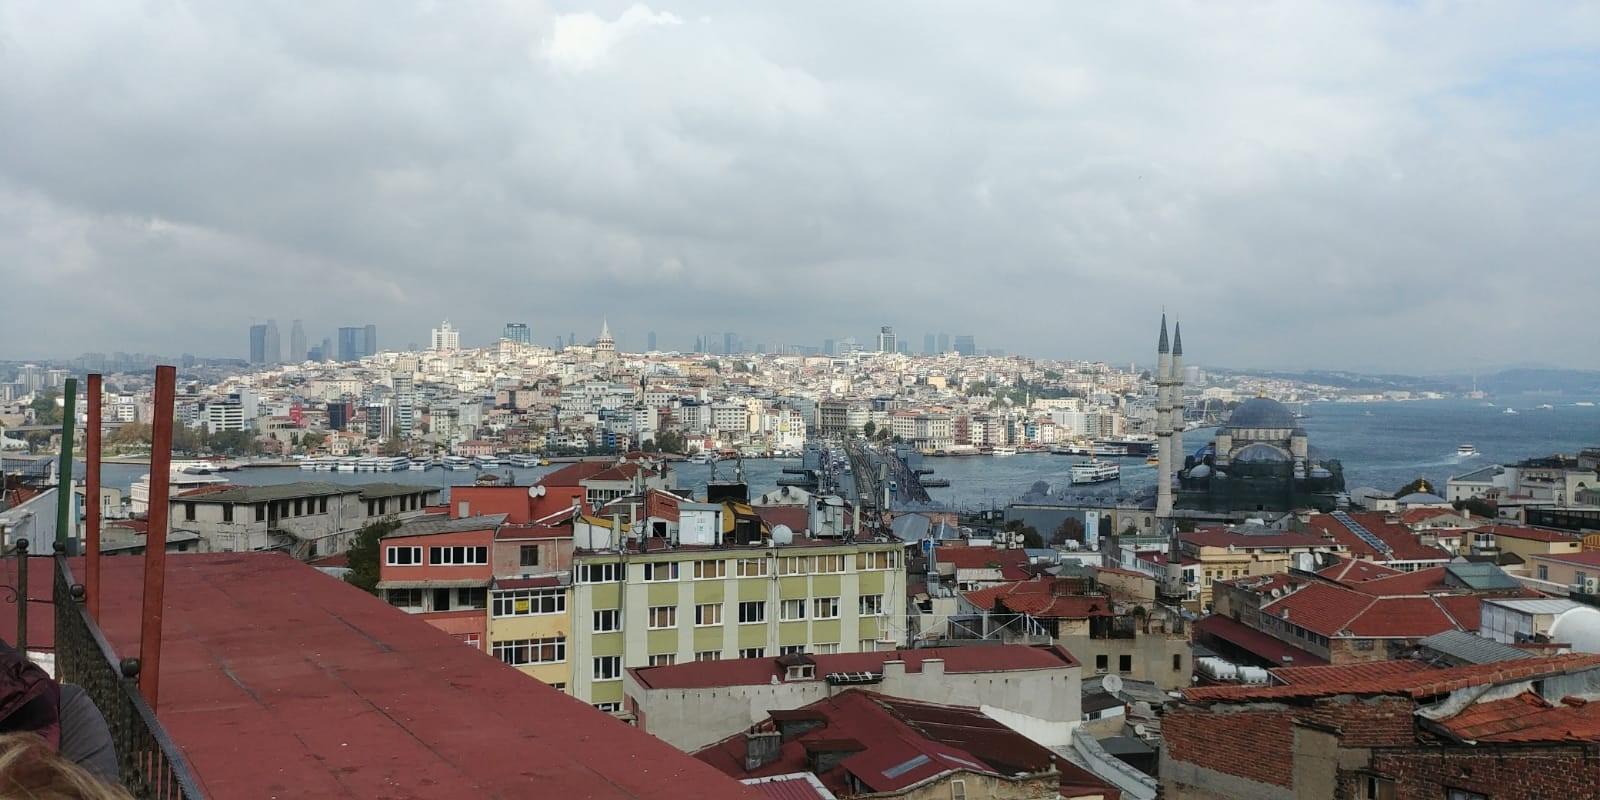 הנוף של איסטנבול מהגג בבזאר. צילומים: טלי ברנר